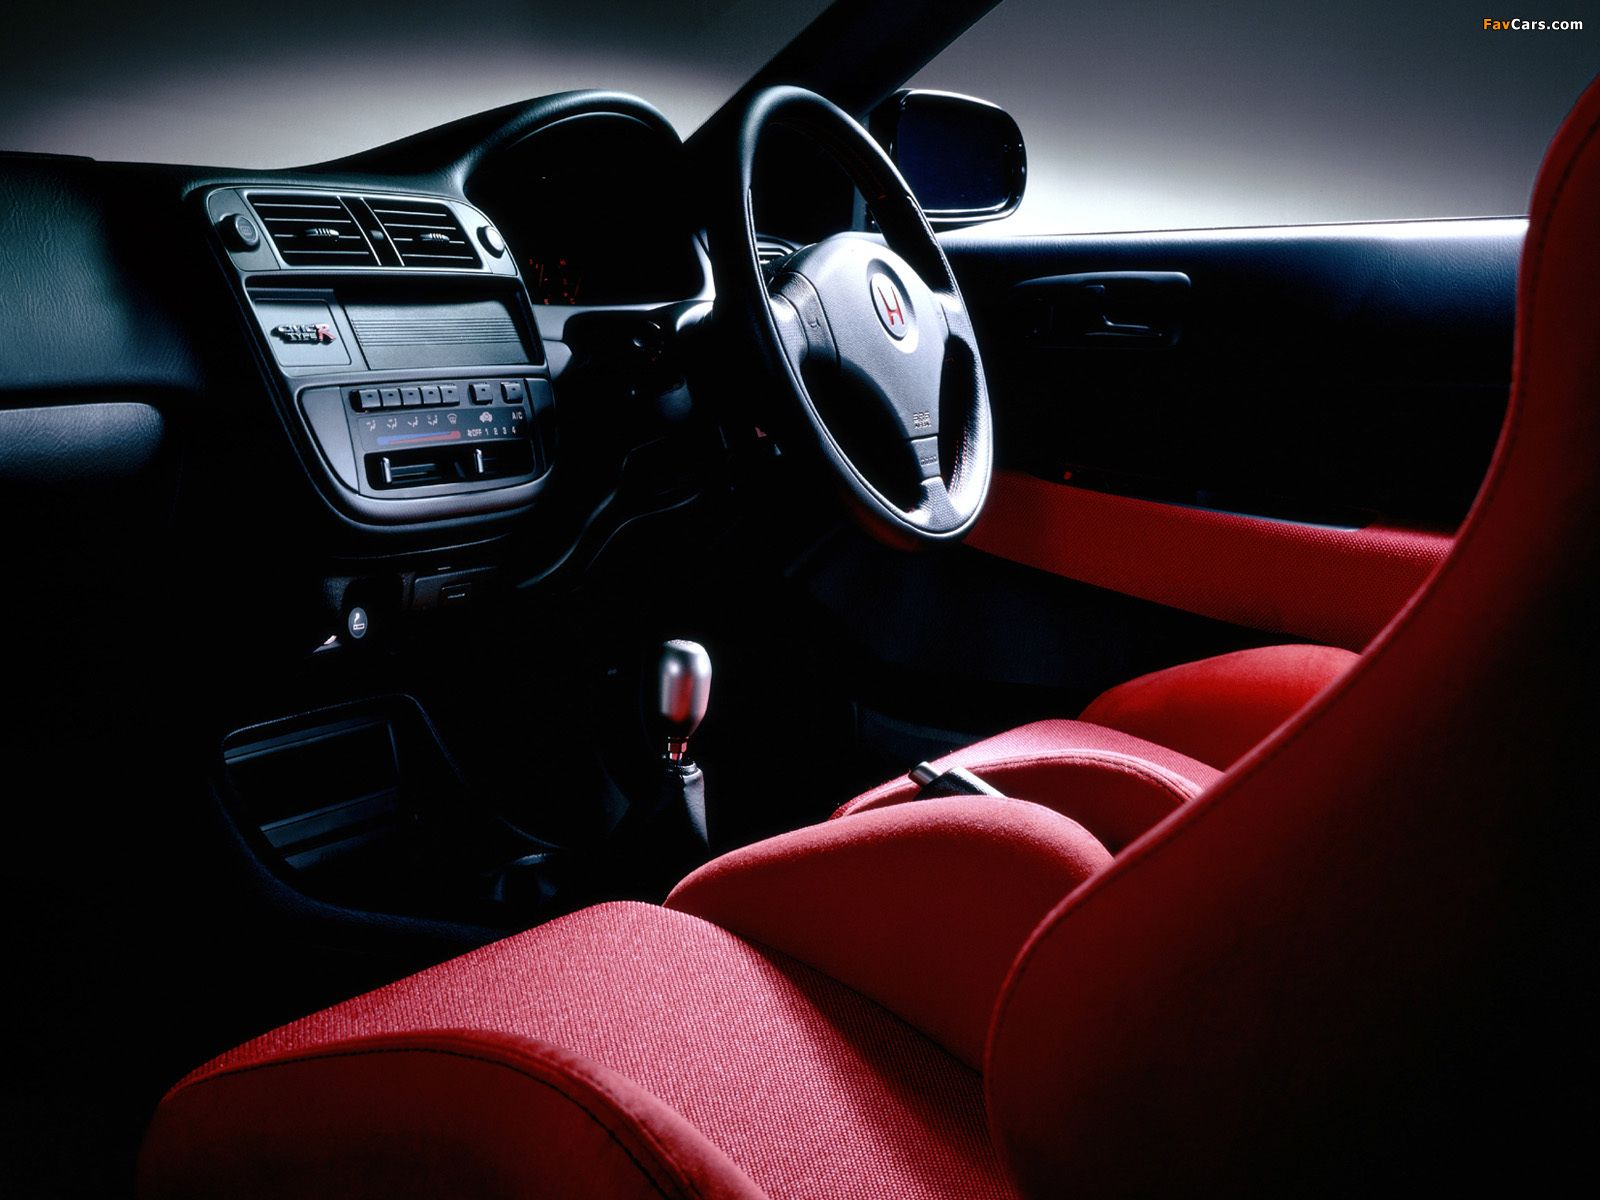 Honda Civic Type R Ek9 1997 2000 Wallpapers 1600x1200 Honda Civic Type R Honda Civic Honda